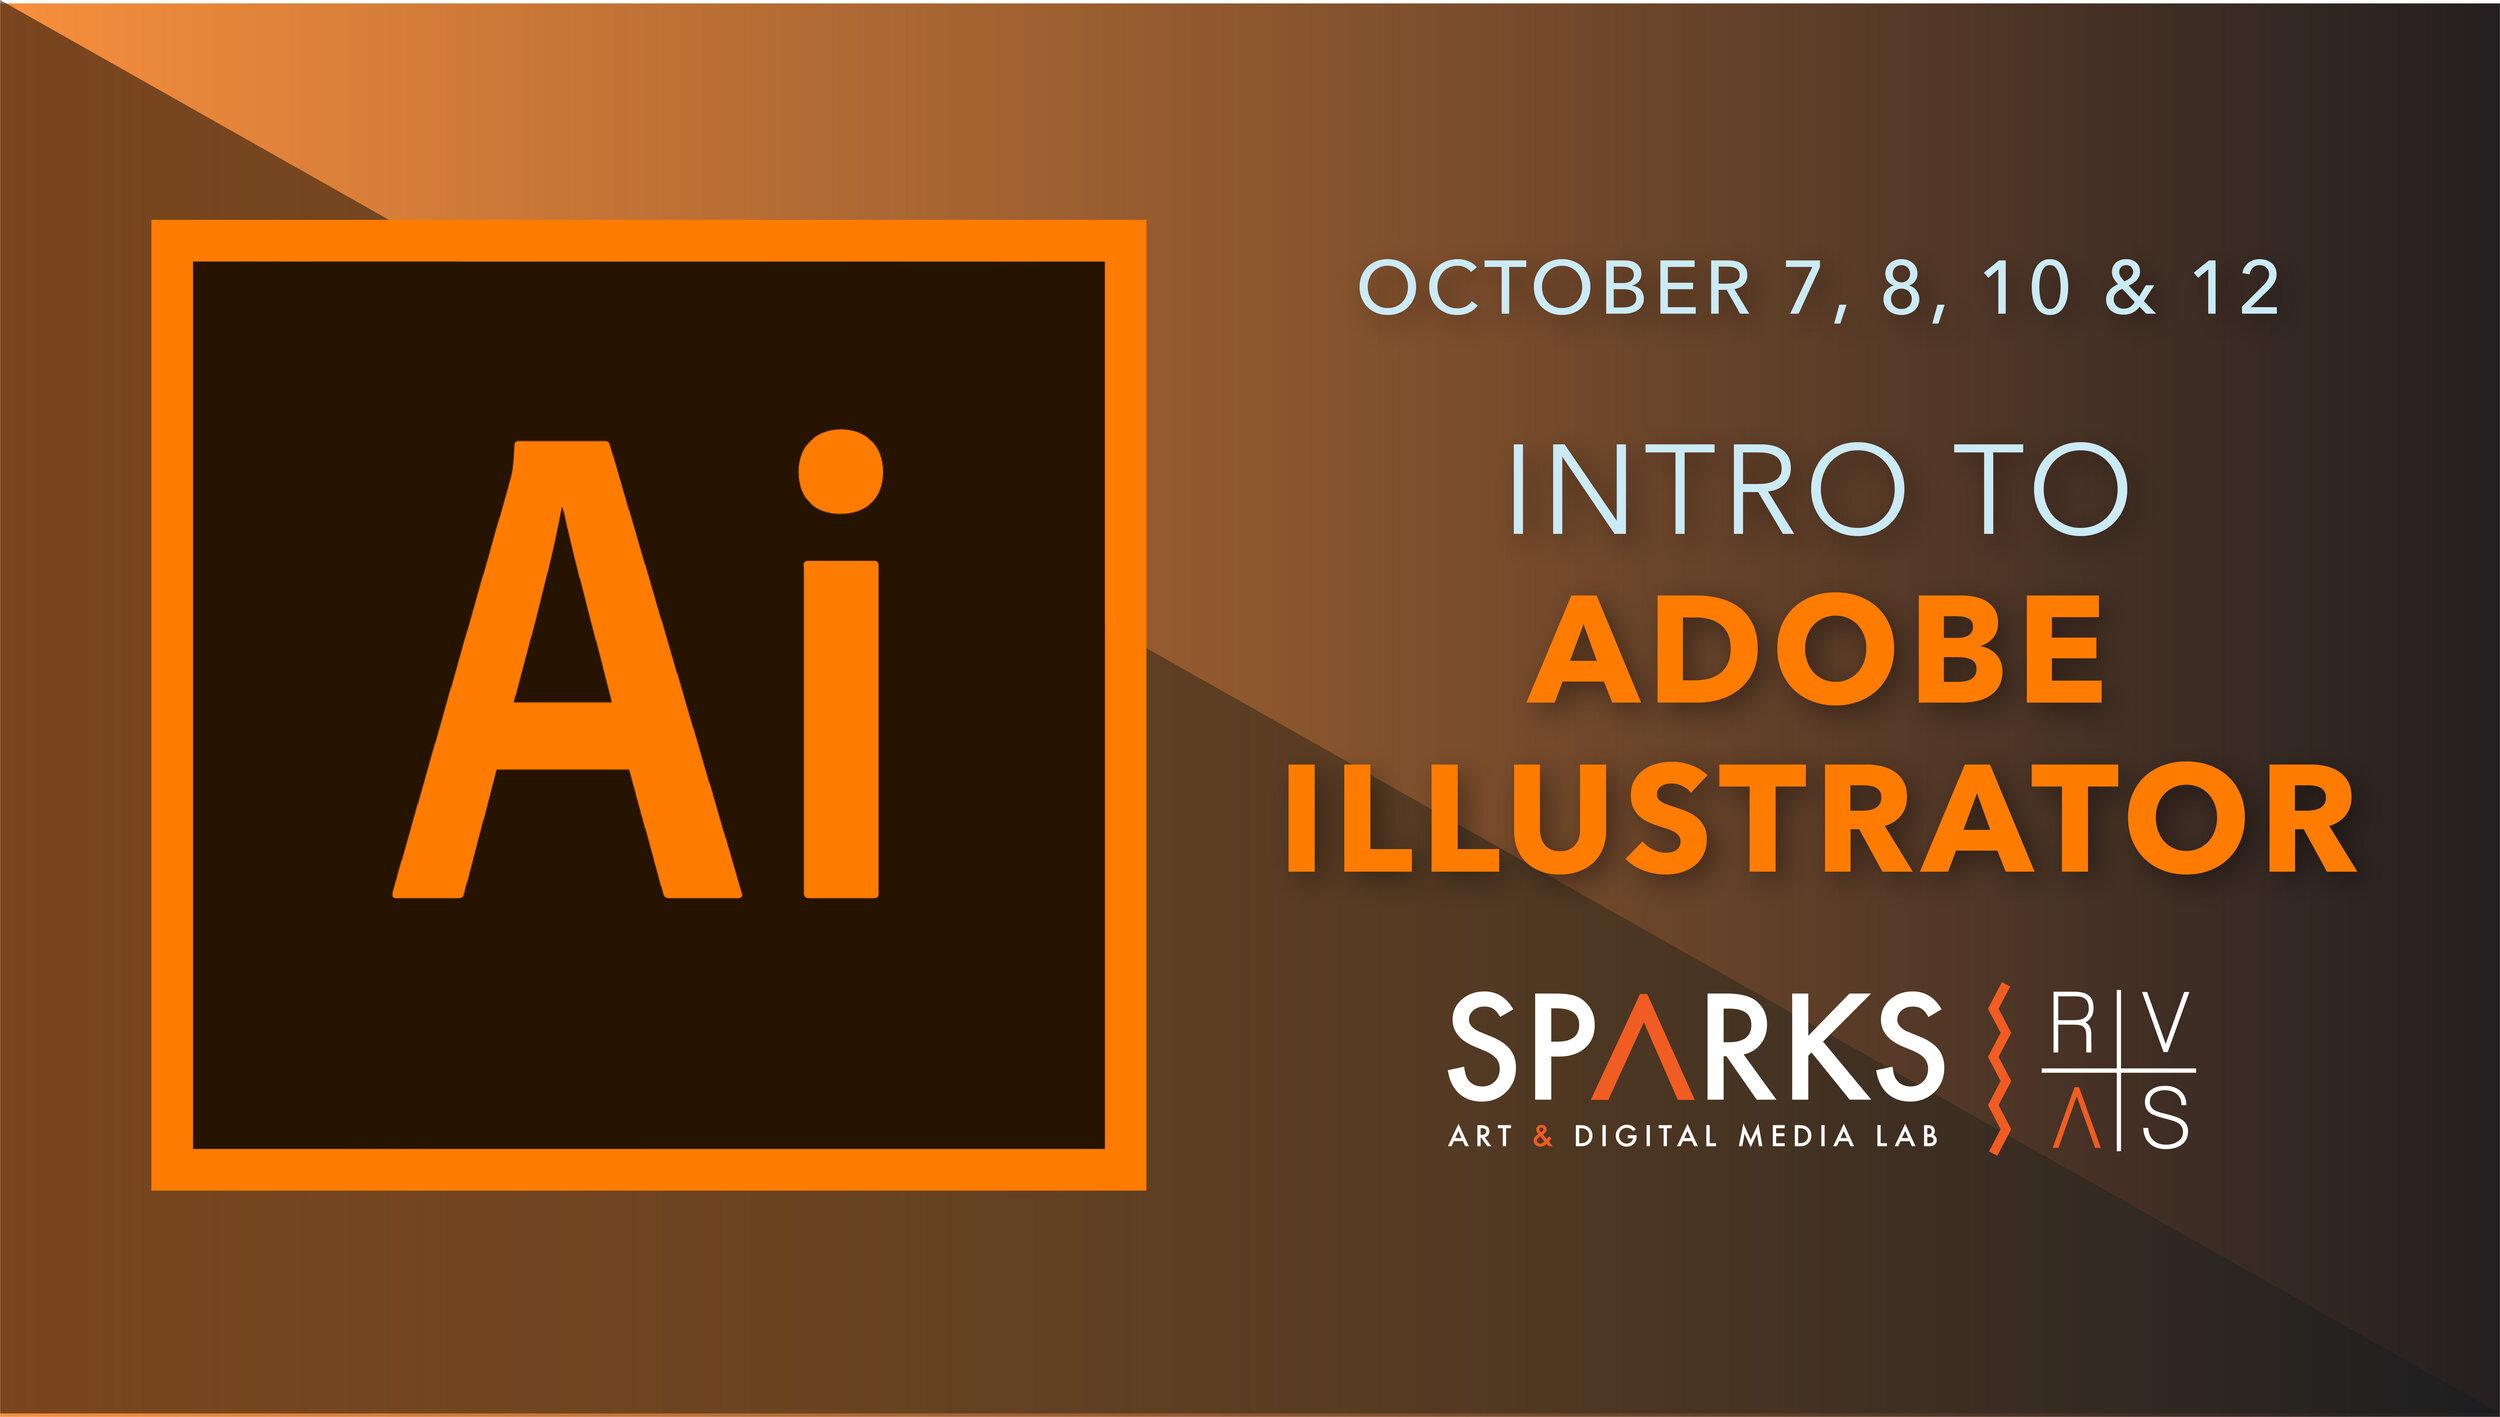 Sparks_IllustratorINTROCLASS_Erik_FB Image-01.jpg